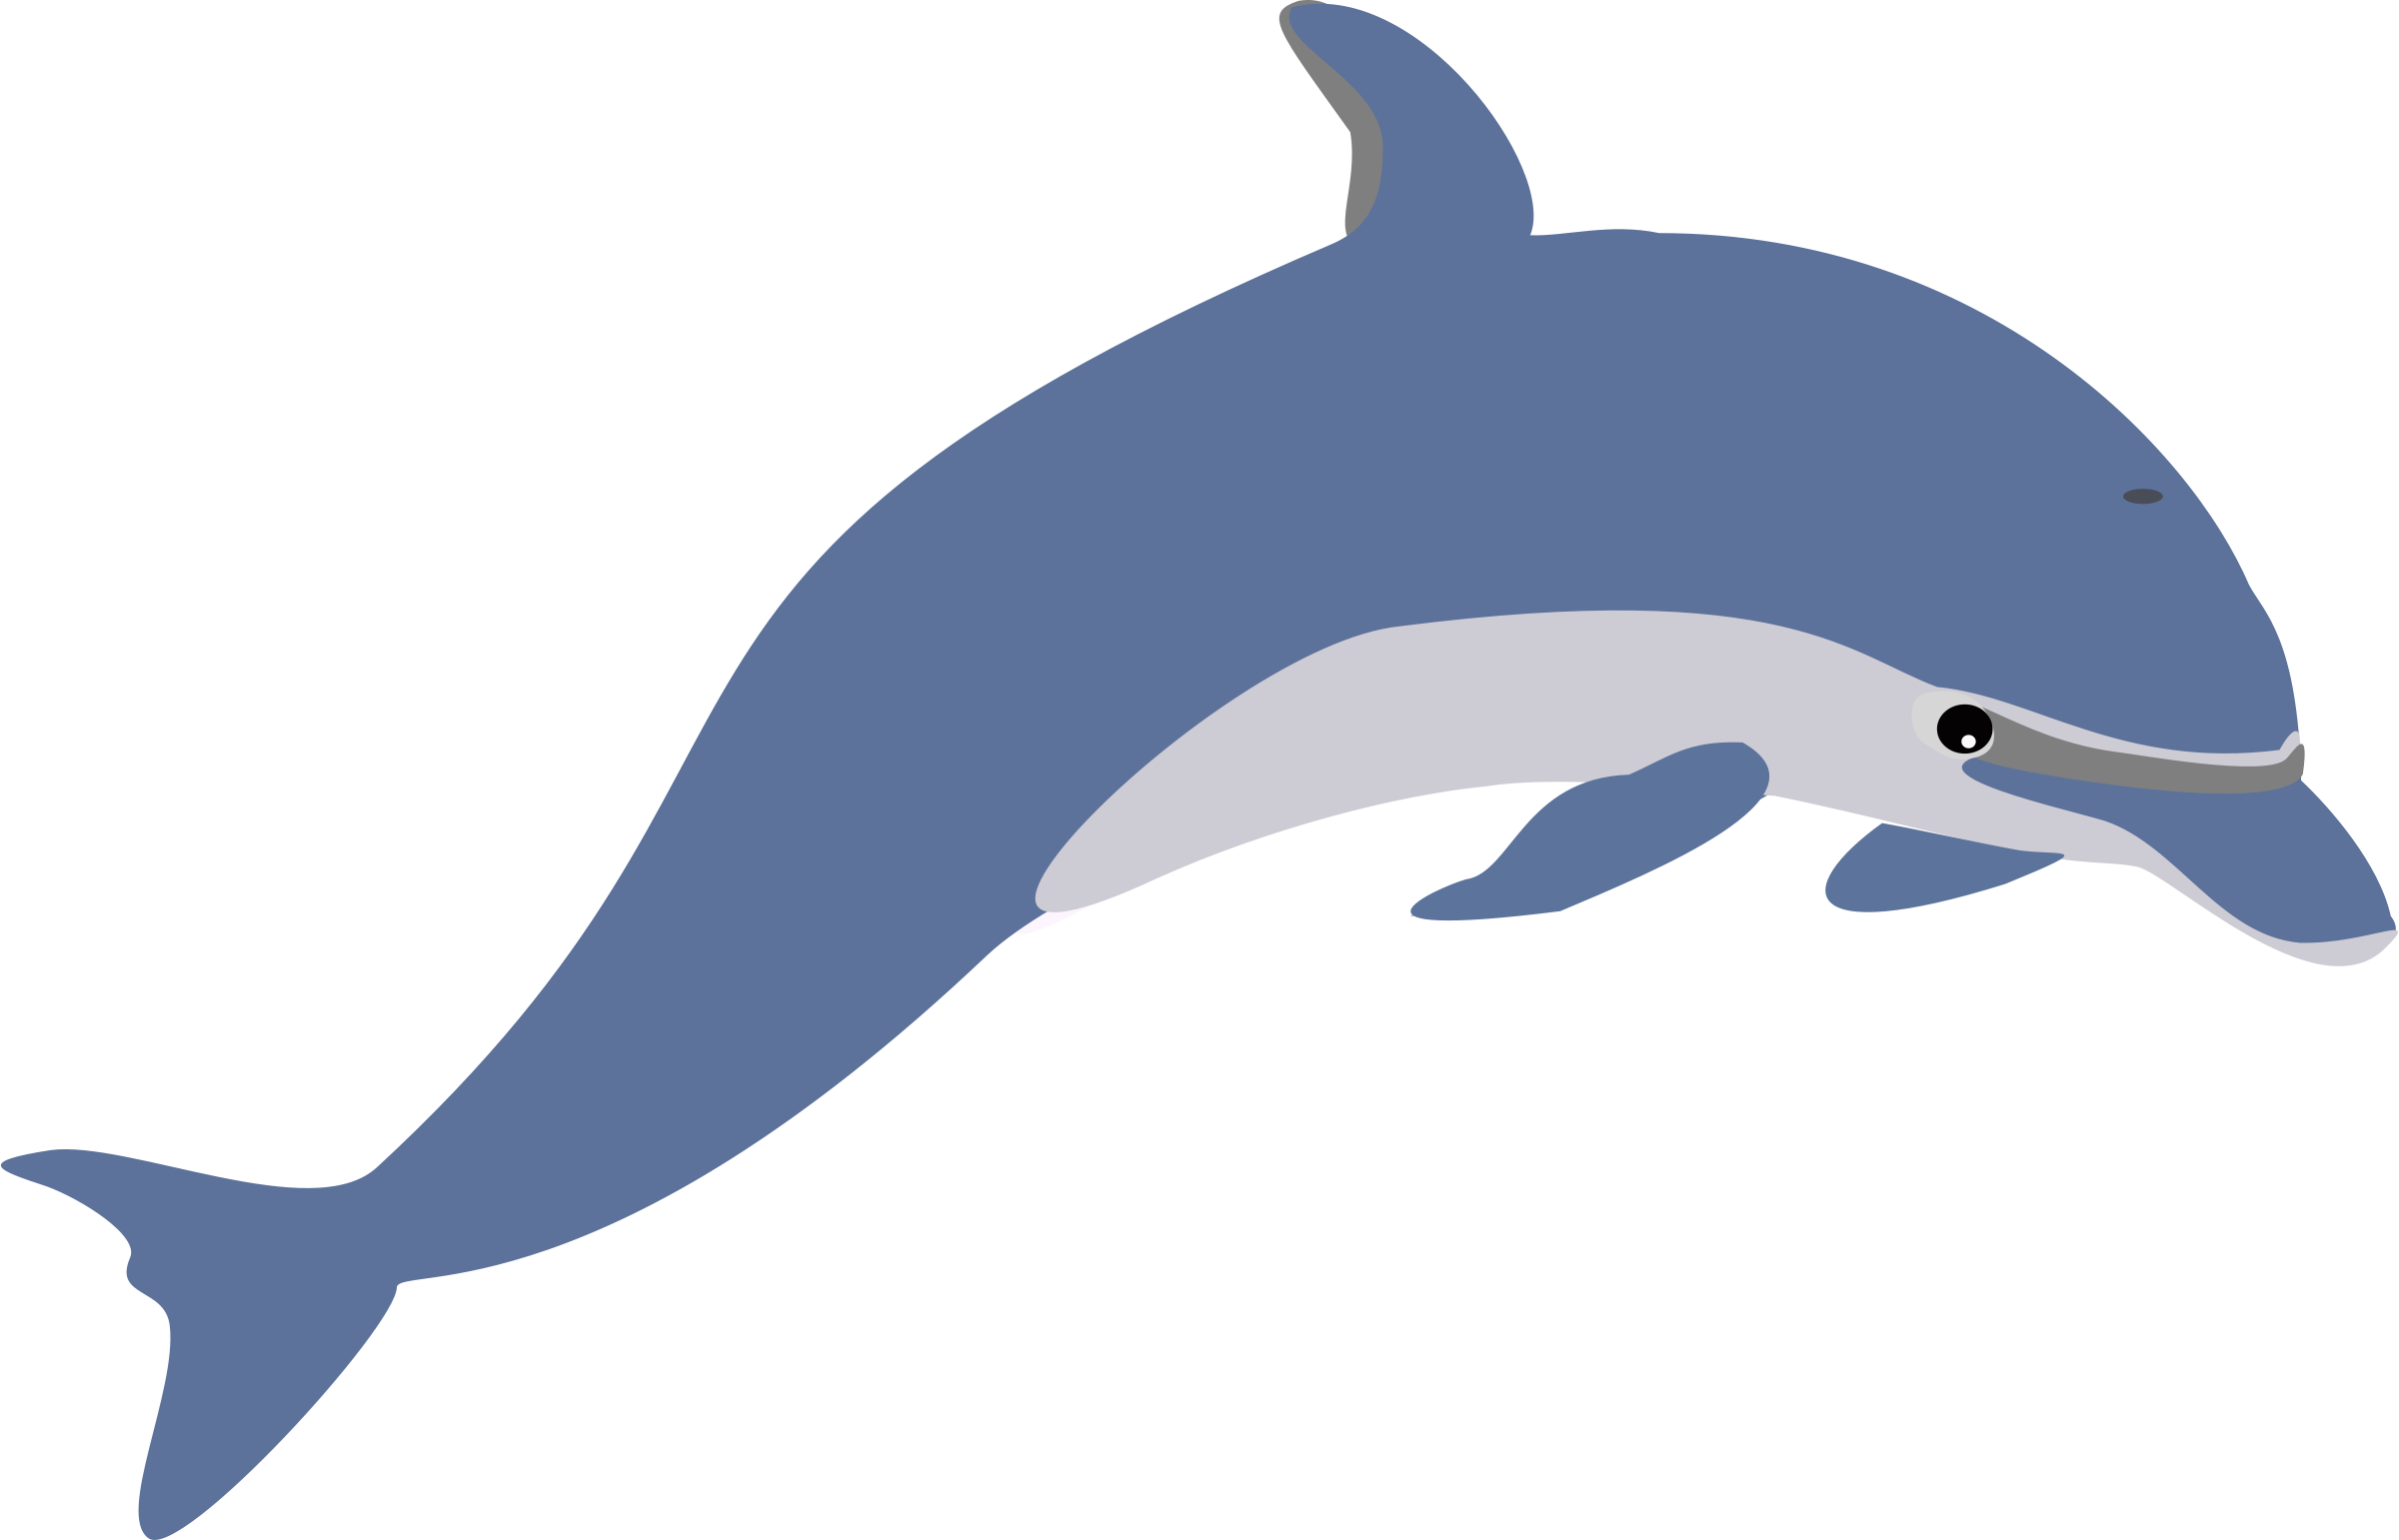 dolphin clip art free clipart panda free clipart images rh clipartpanda com dolphin clipart images Cartoon Dolphin Clip Art